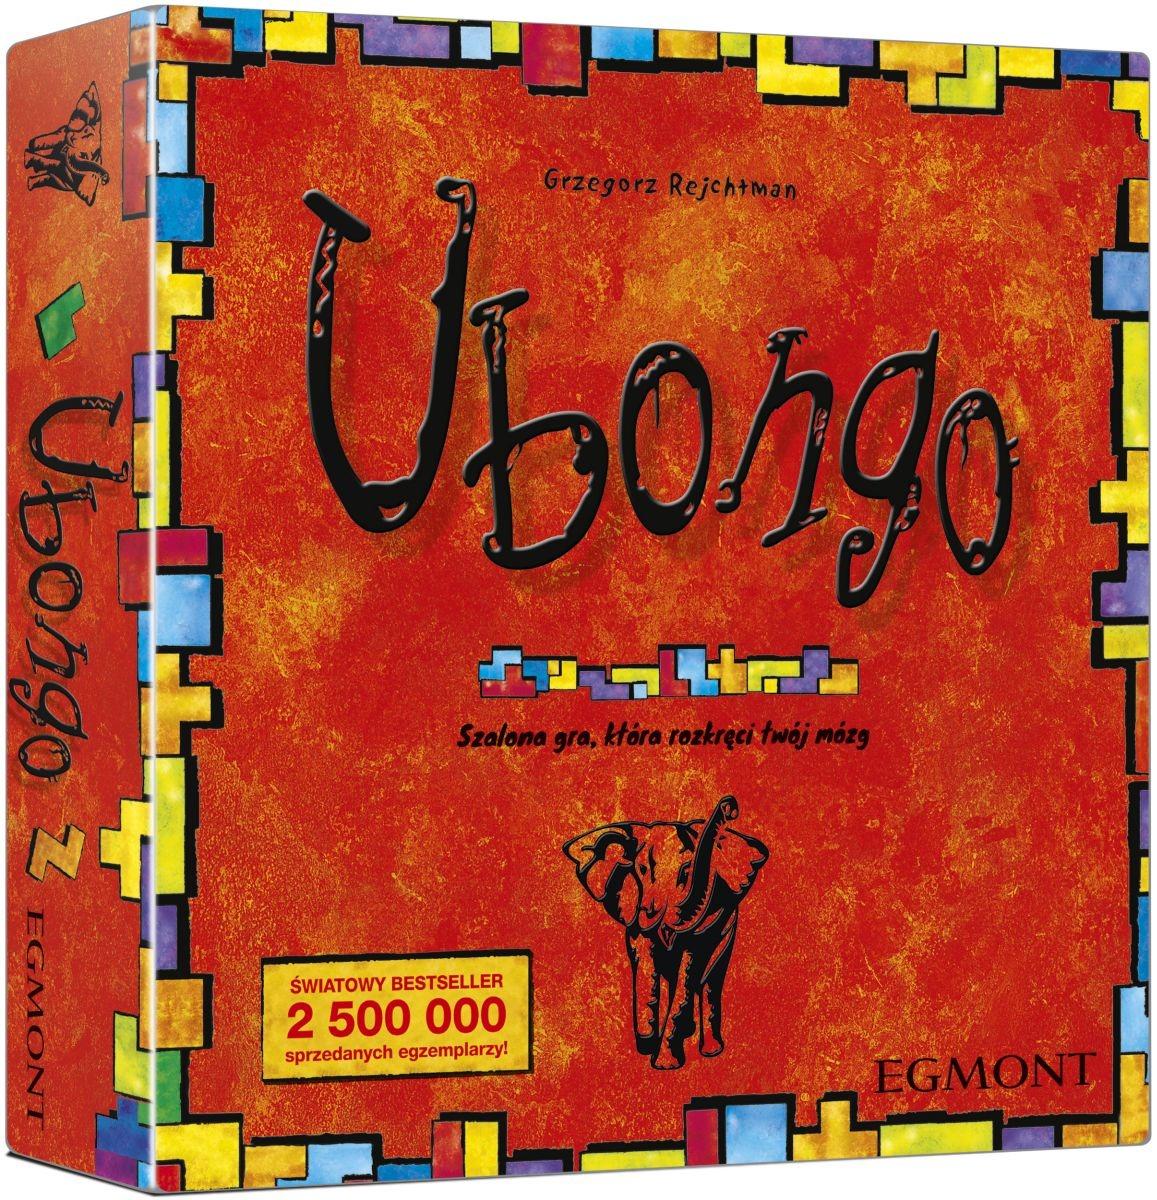 Egmont, ubongo, gra planszowa Smyk 6124823